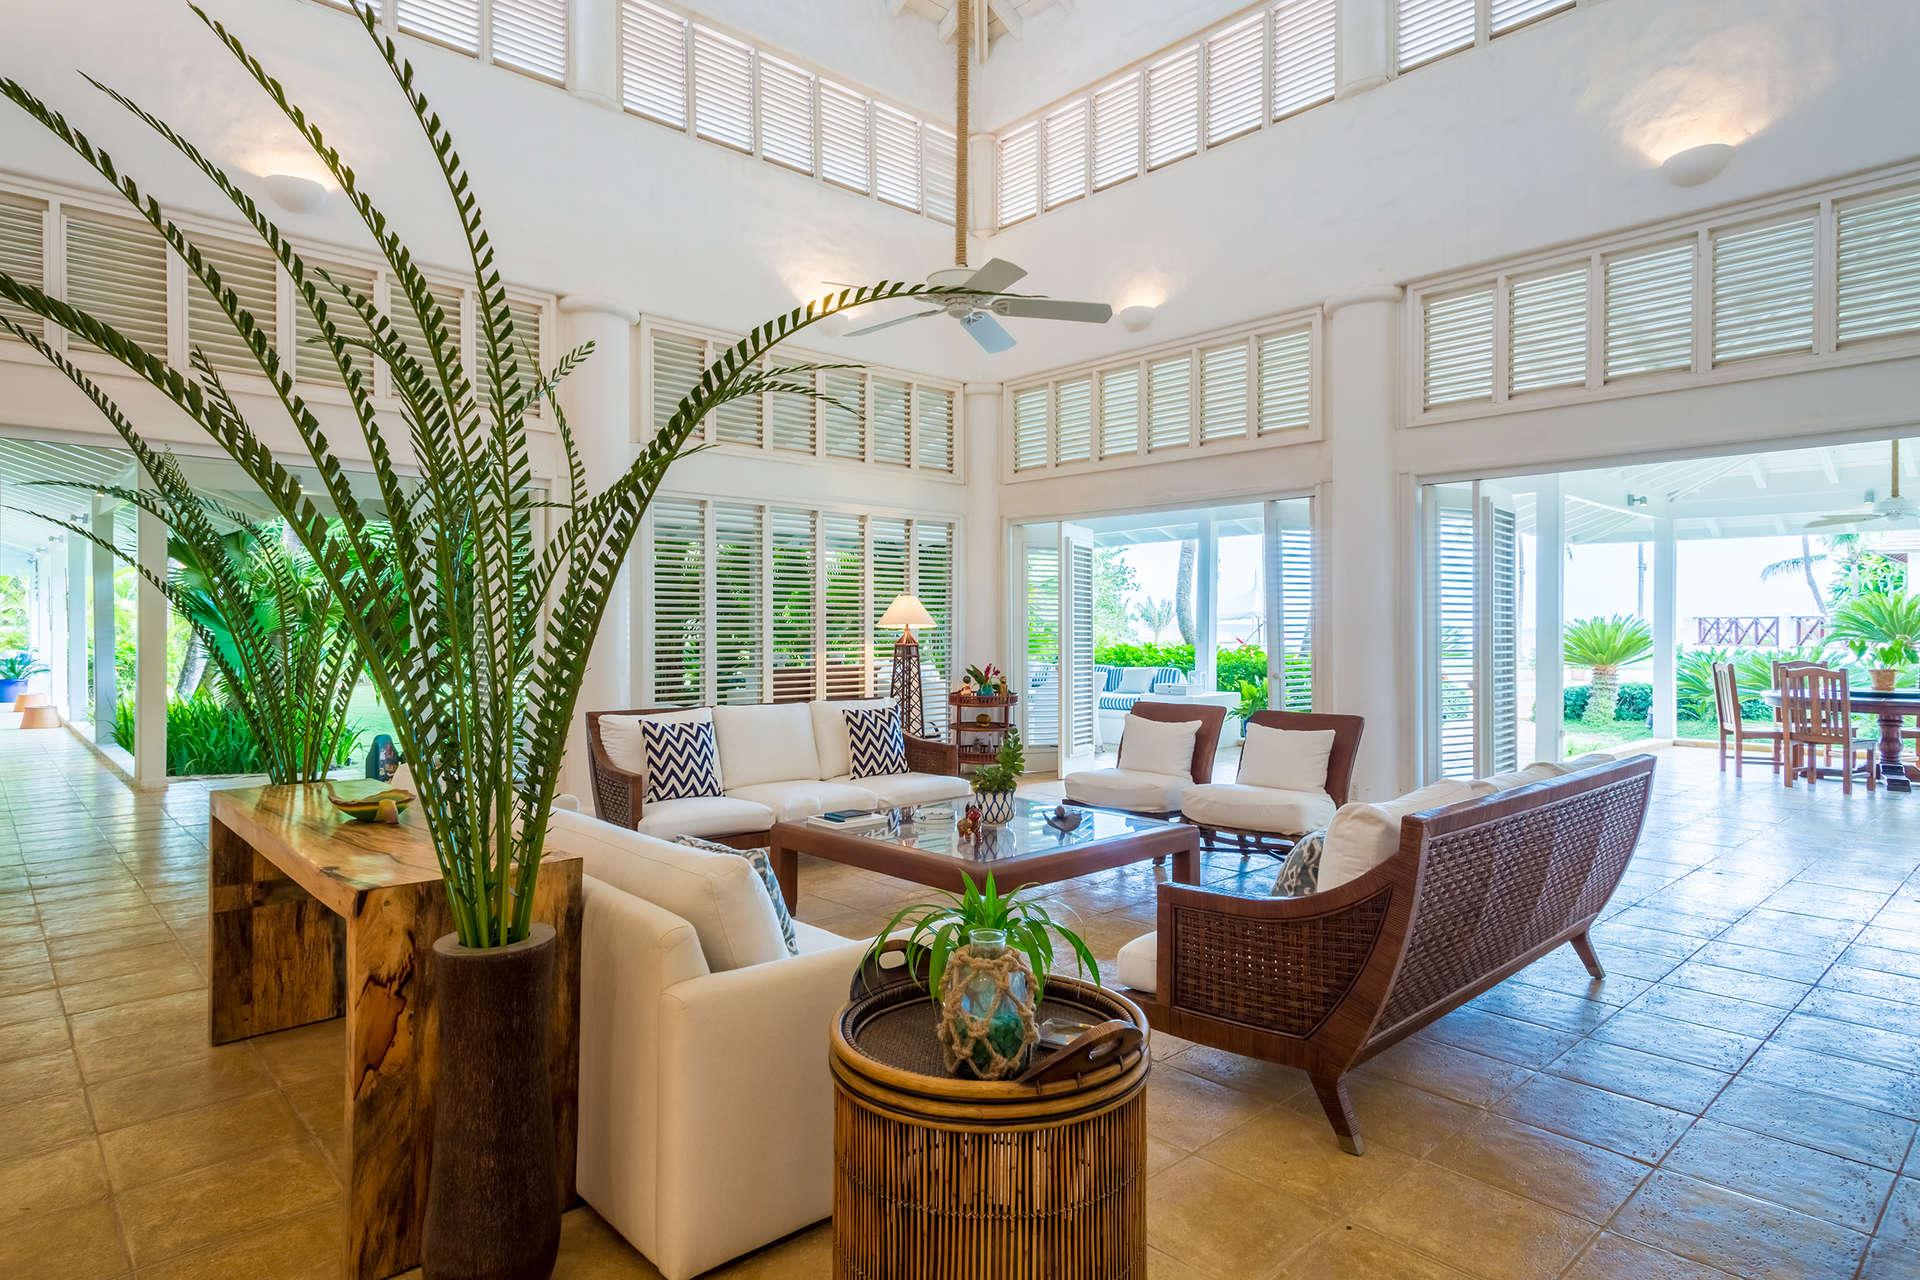 Luxury villa rentals caribbean - Dominican republic - Casa decampo - Punta Minitas 14 - Image 1/19